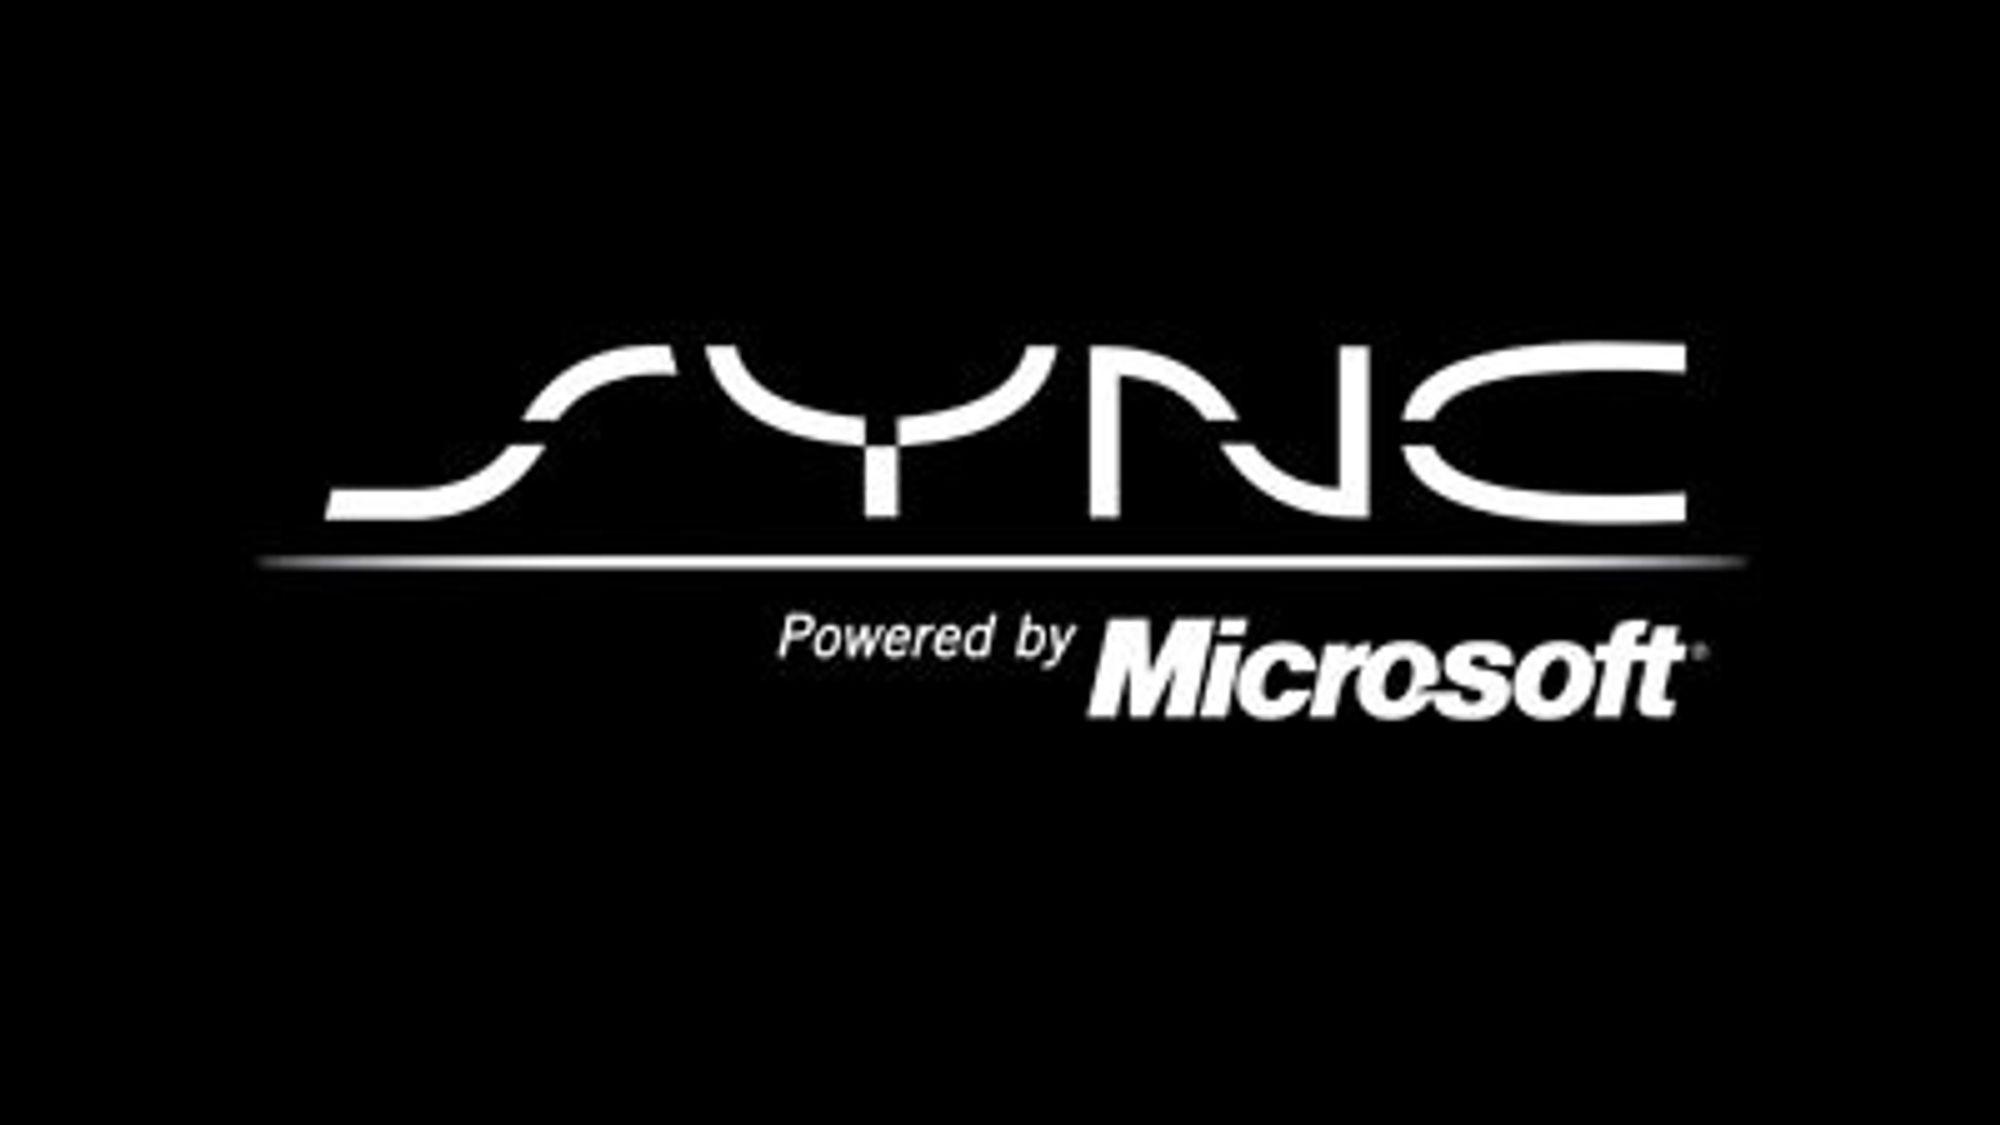 Sync-logo med Microsoft som utvikler fra lanseringen i 2008.